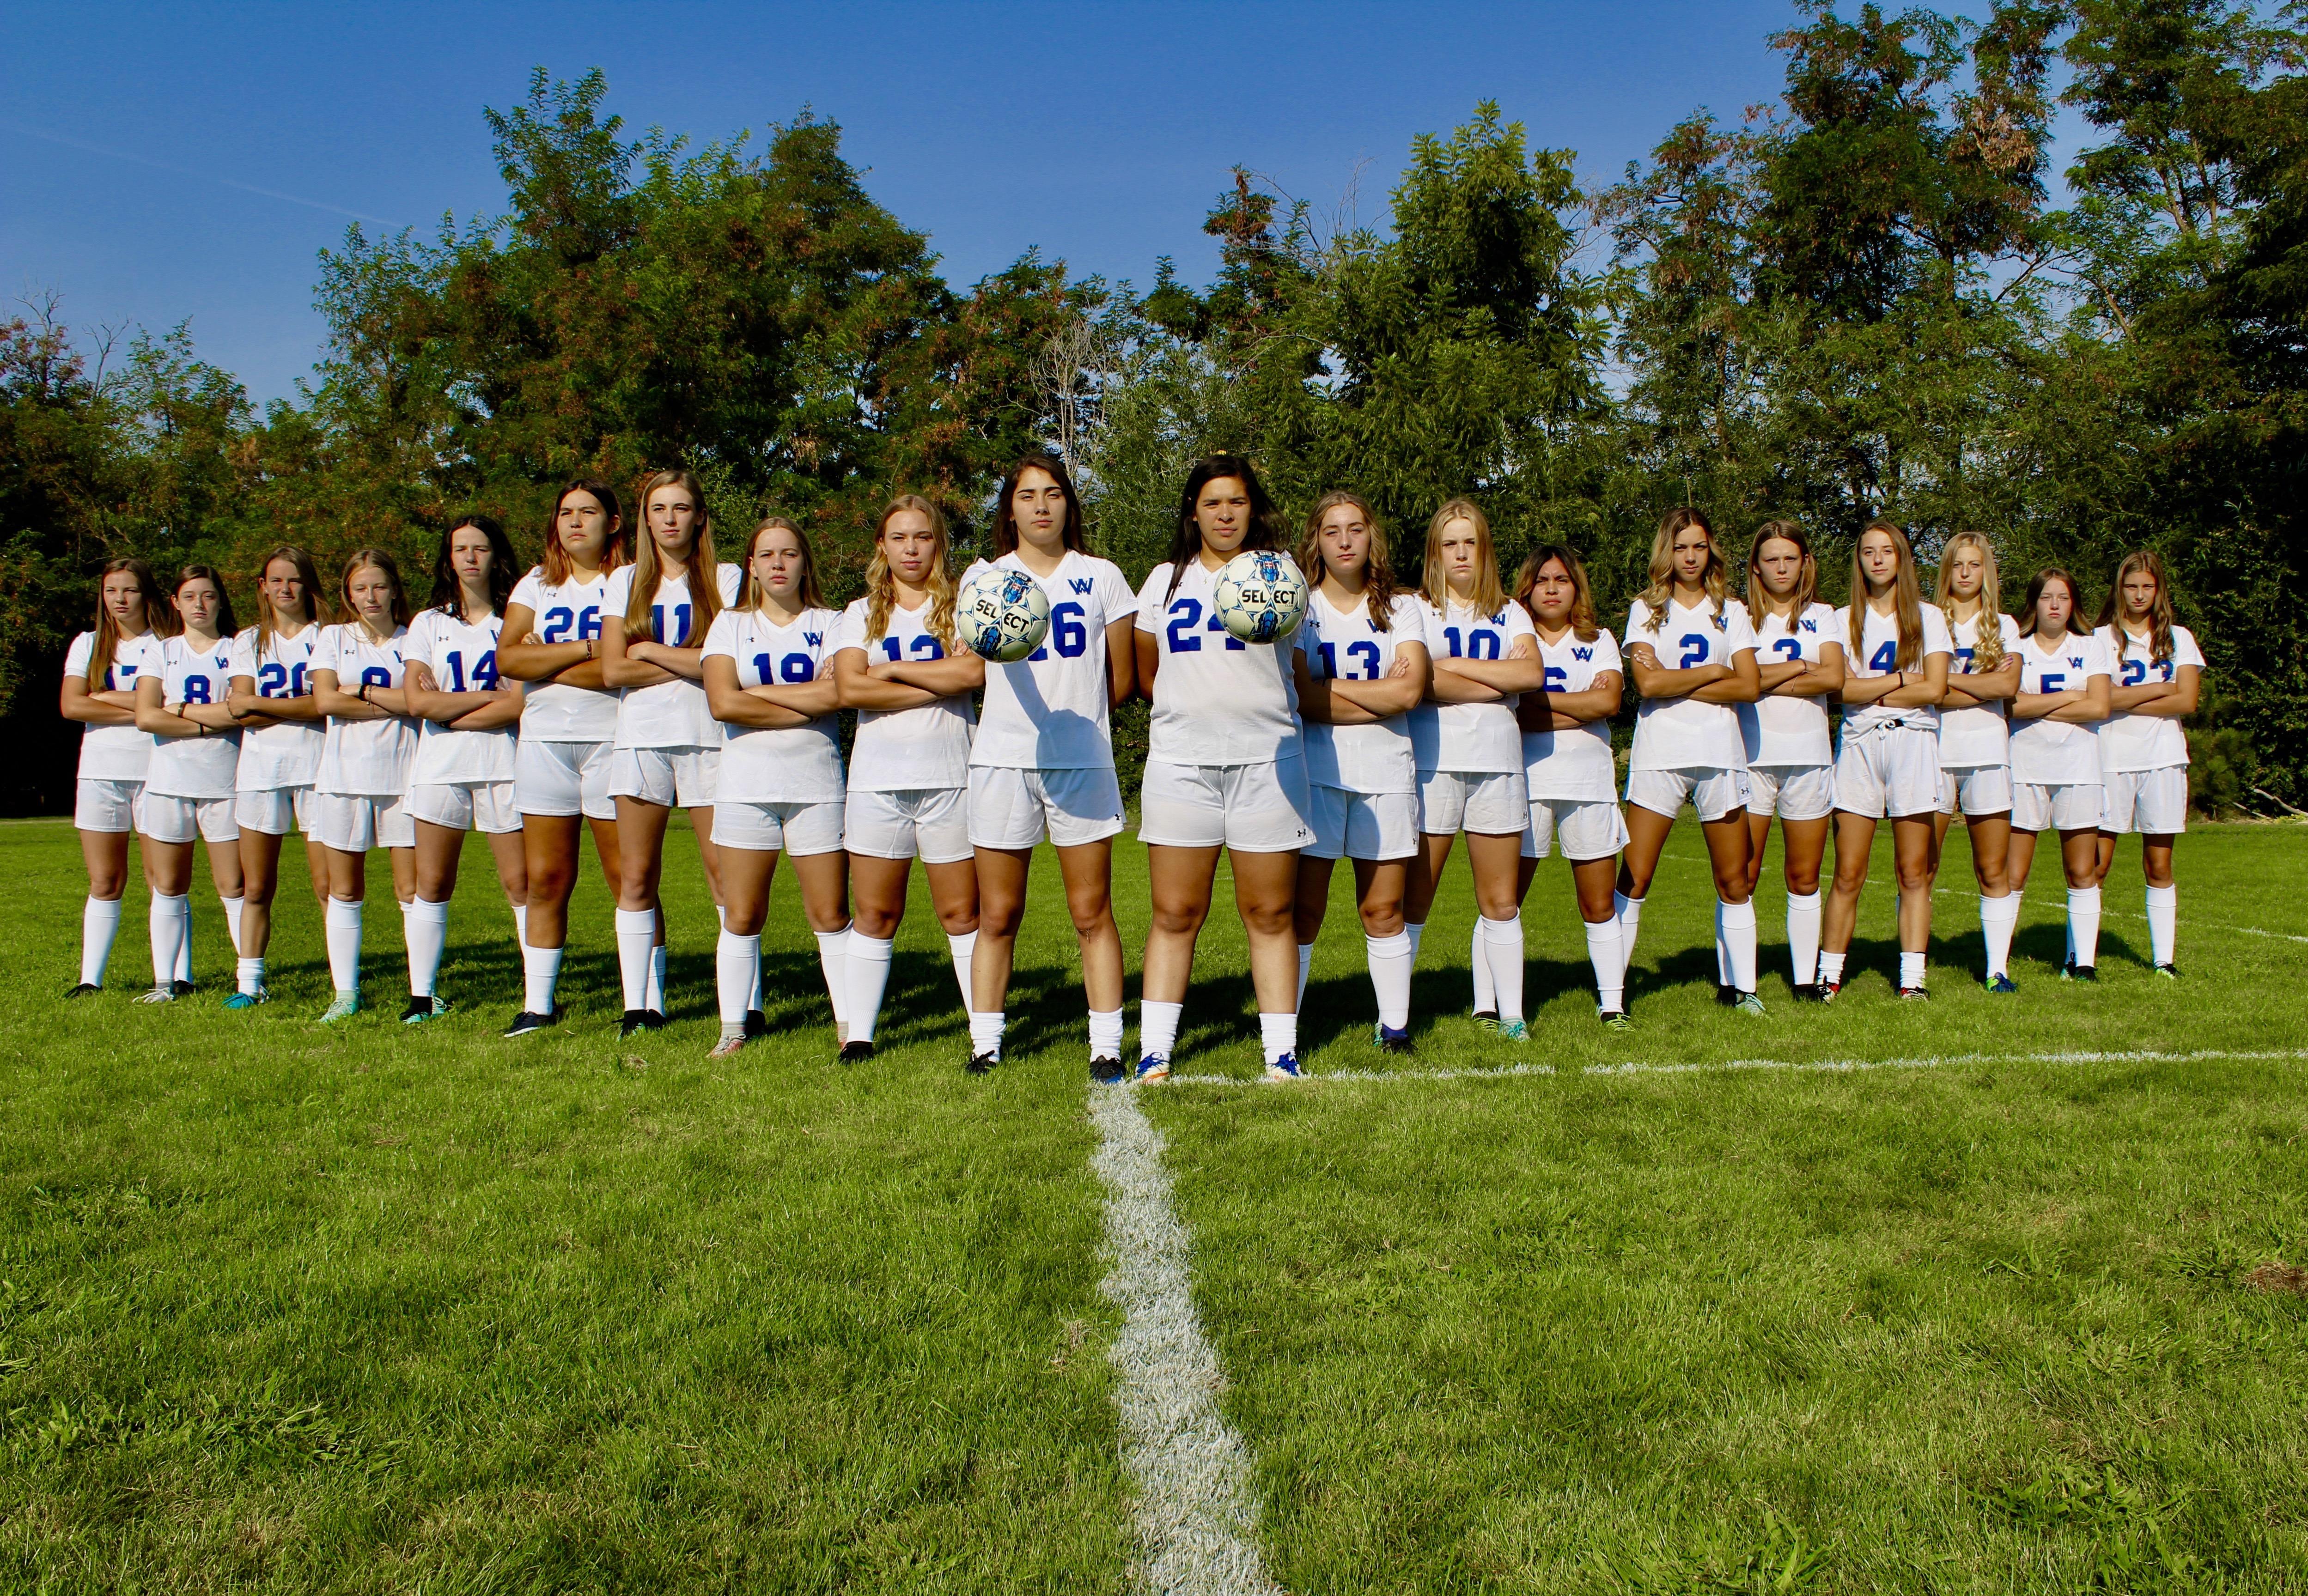 images/athletics/Girls_Soccer/2018_Blue_Devil_Girls_Soccer.jpg